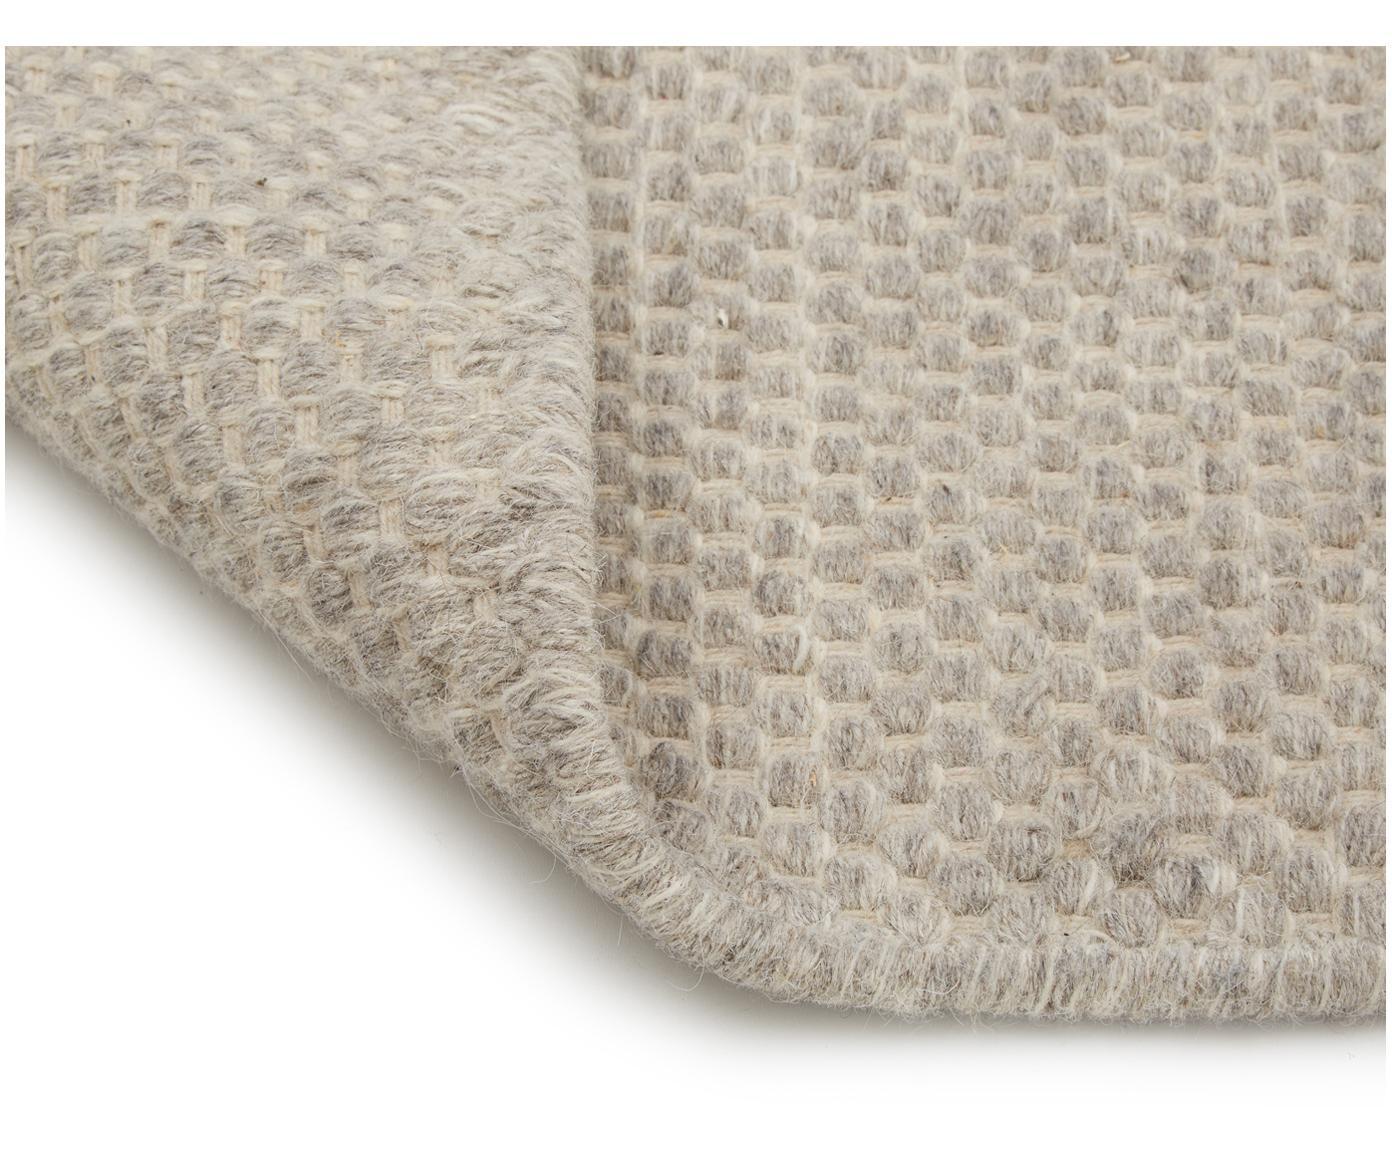 Handgewebter Kelimteppich Delight aus Wolle in Hellgrau, Hellgrau, B 200 x L 300 cm (Größe L)